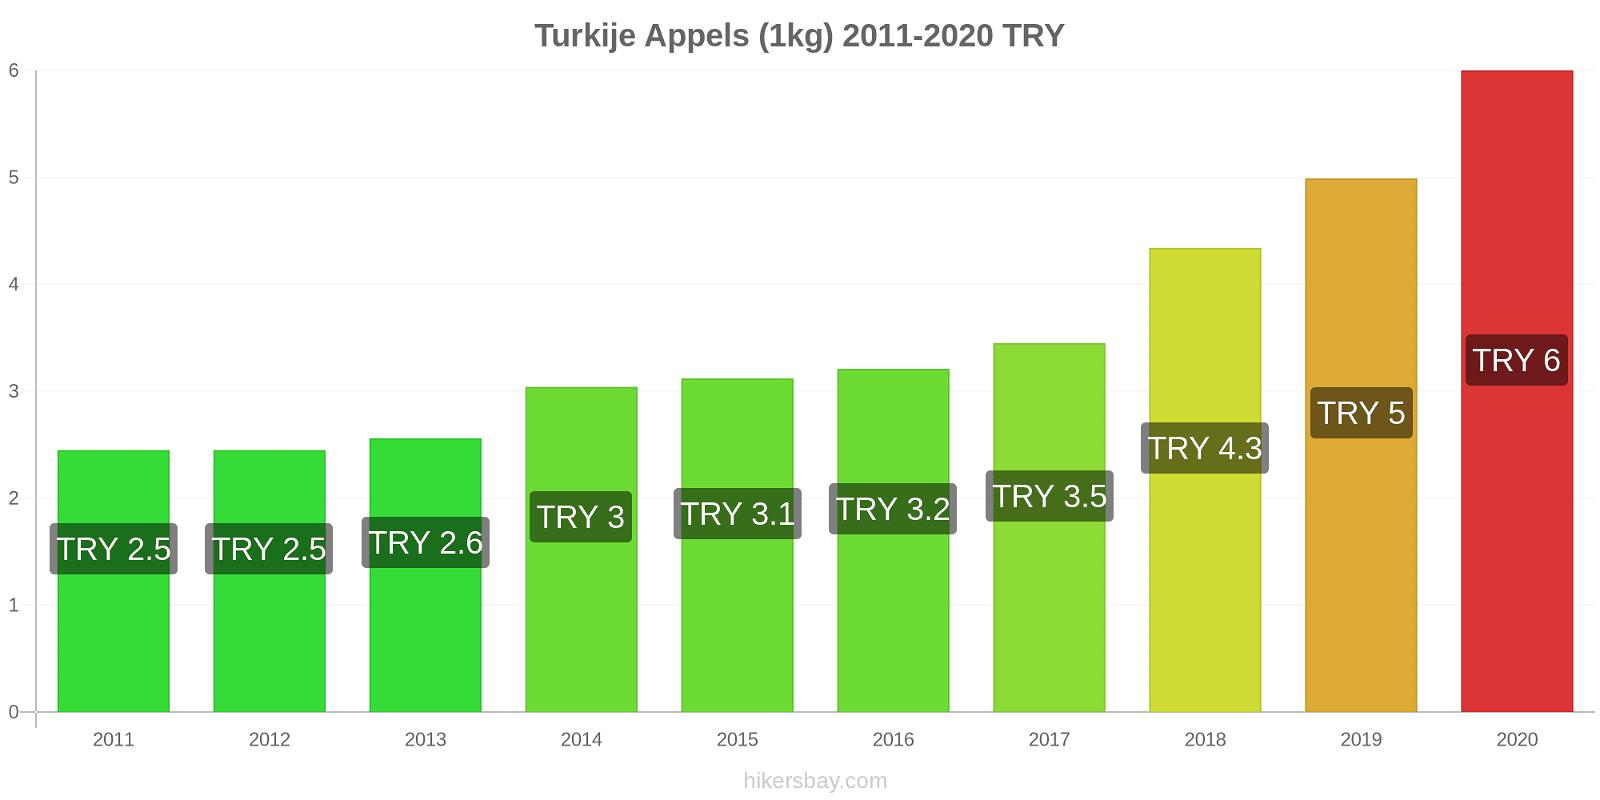 Turkije prijswijzigingen Appels (1kg) hikersbay.com